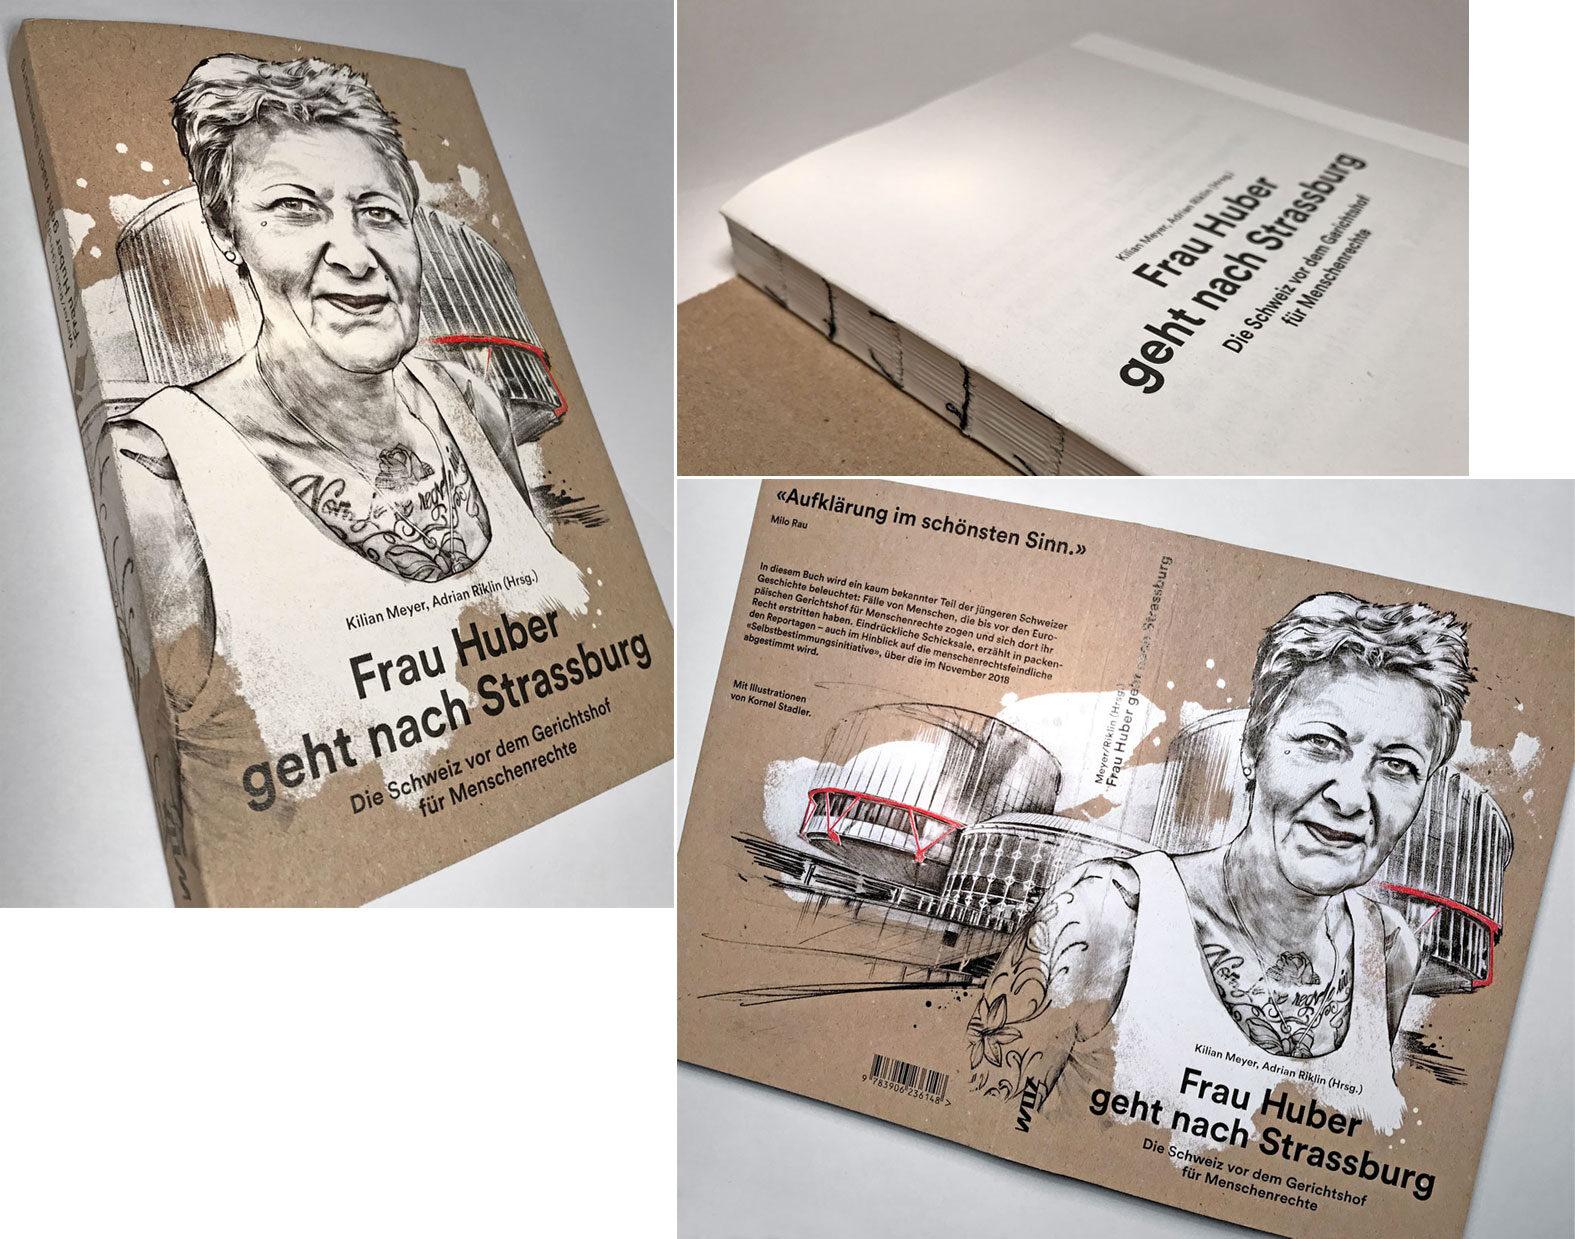 Frau Huber - Kornel Illustration | Kornel Stadler portfolio